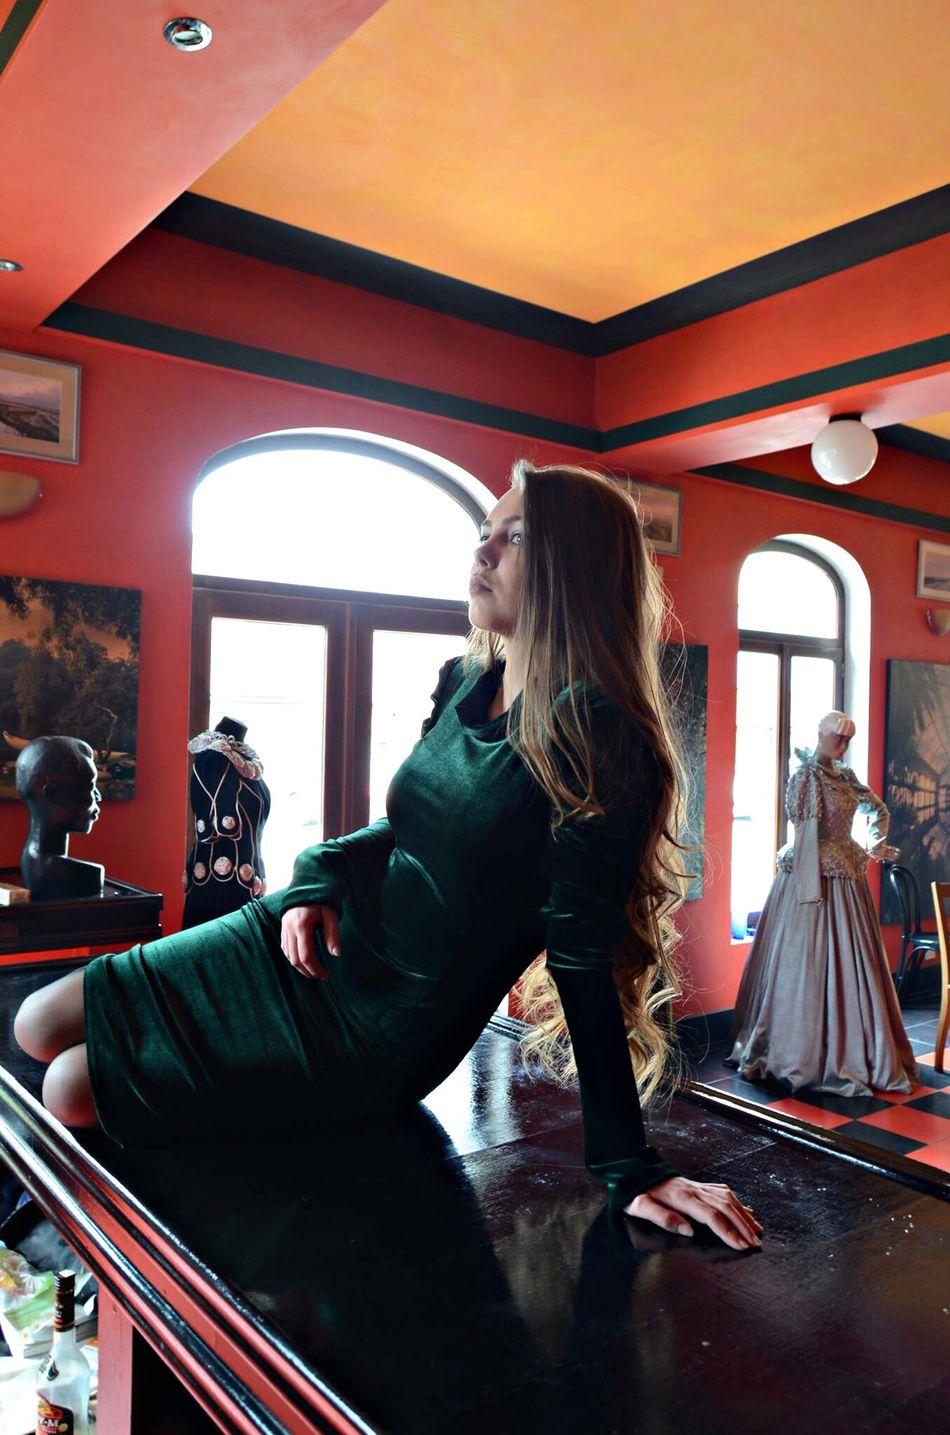 Adinafrasinphotography Girl Model Modeling Fashion Catwalk Photography Beautiful